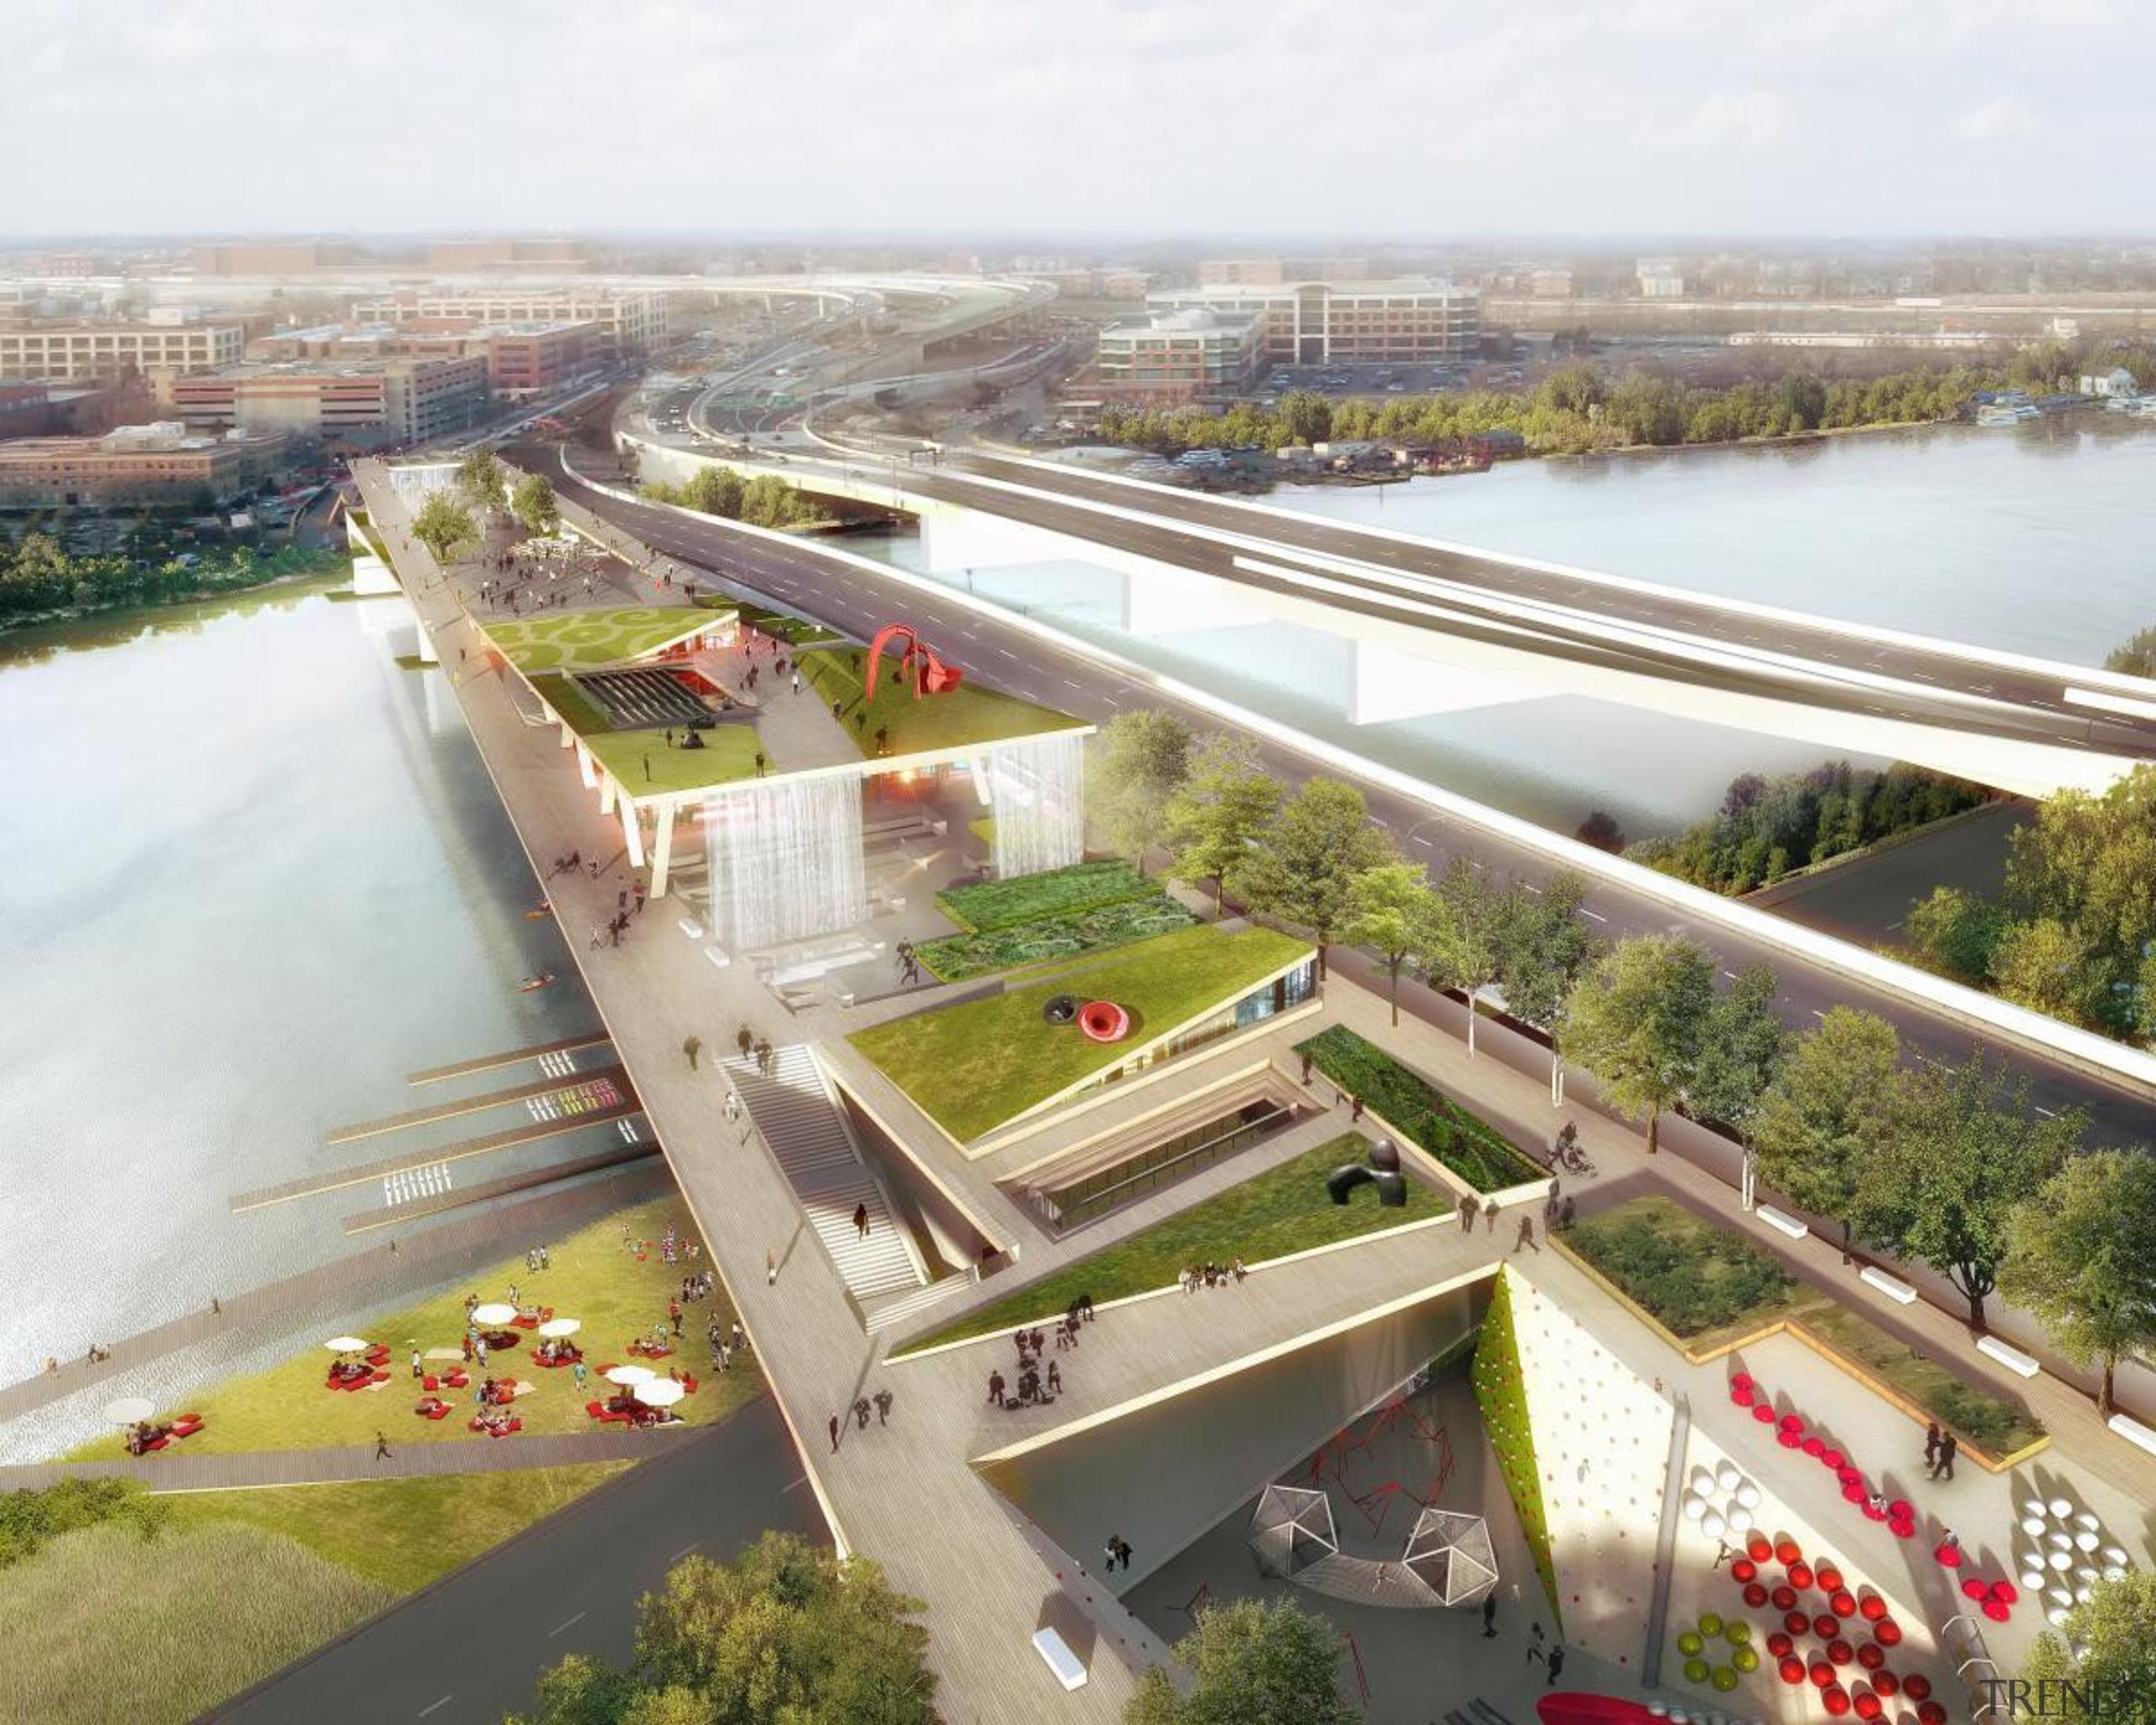 High line park - High line park - bird's eye view, suburb, urban design, waterway, white, gray